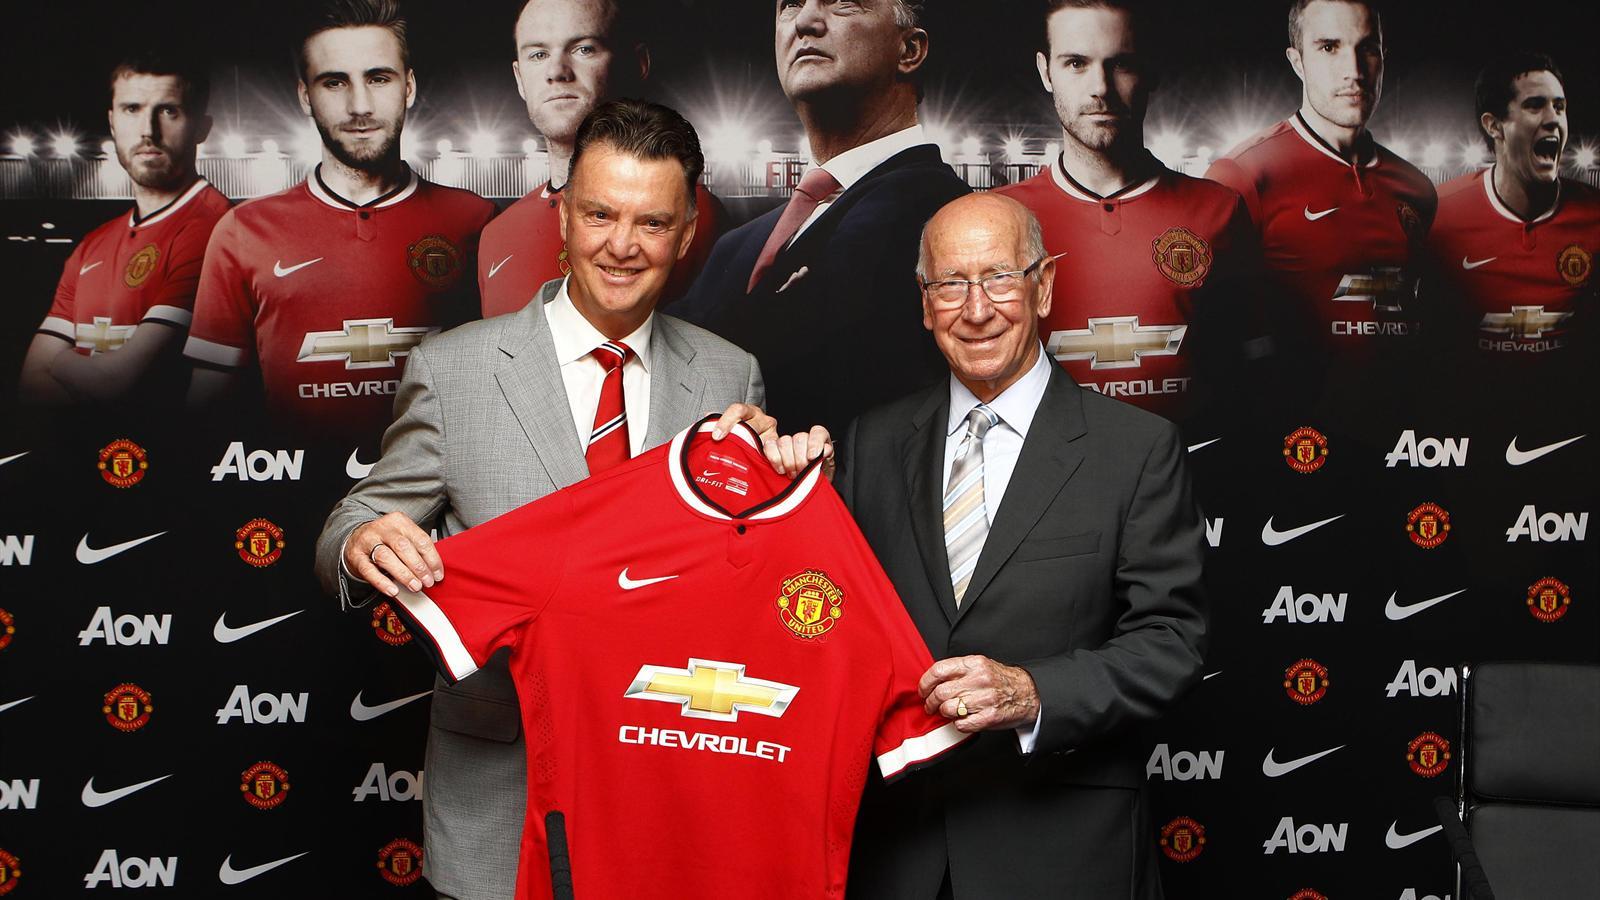 Van Gall lors de sa première conférence de presse avec Manchester United au coté de Sir Bobby Charlton